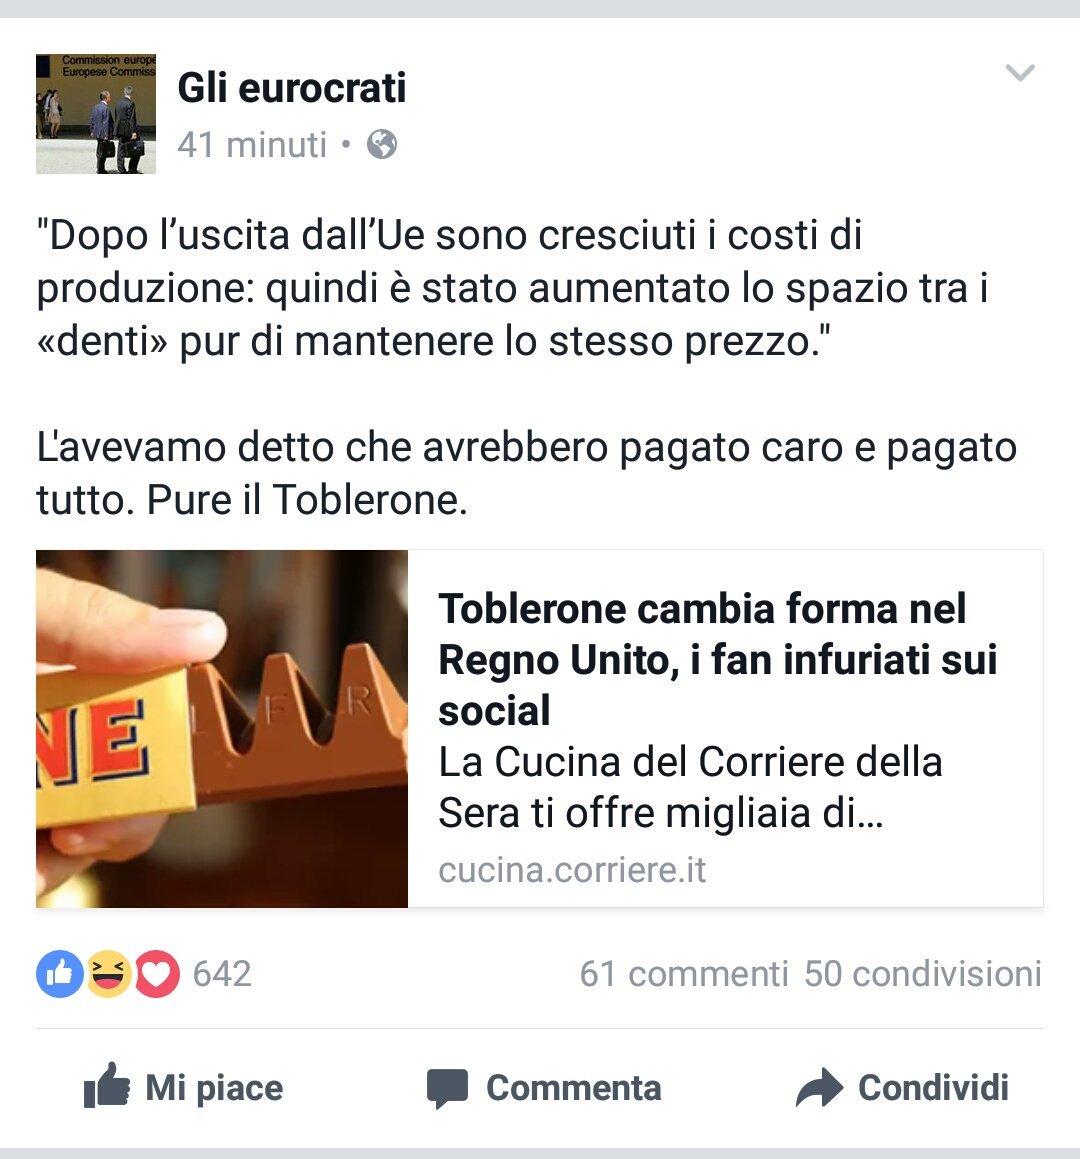 Disegno la cucina del corriere : glieurocrati hashtag on Twitter